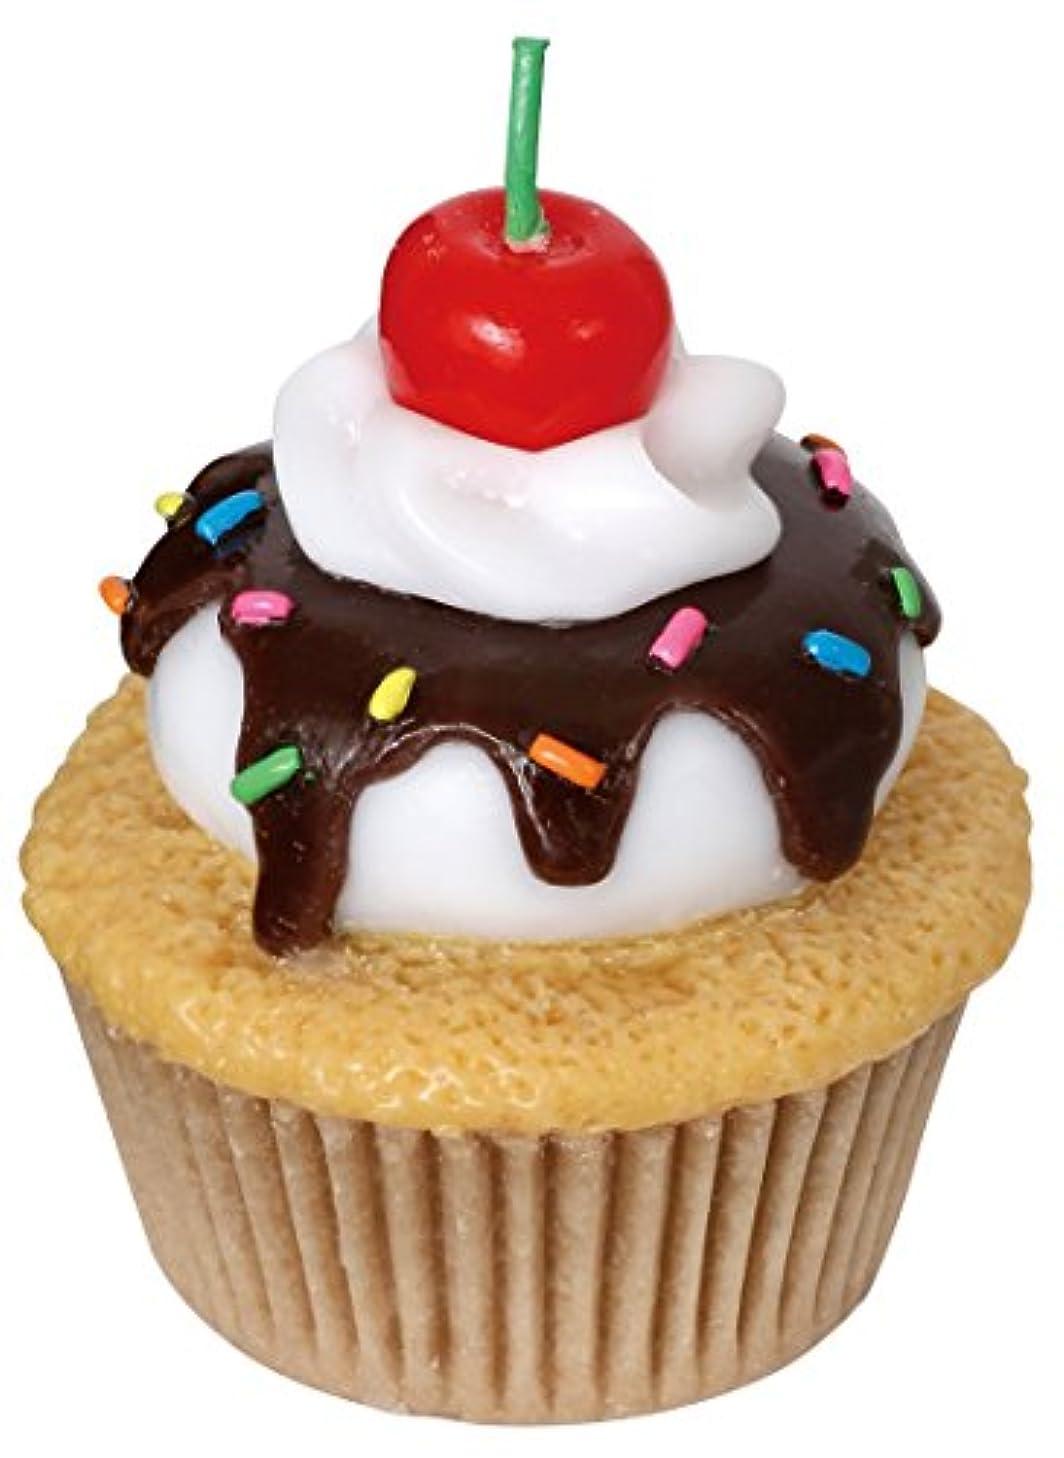 対応するぶら下がるボーナスカメヤマキャンドルハウス アメリカンカップケーキキャンドル チェリーの香りつき